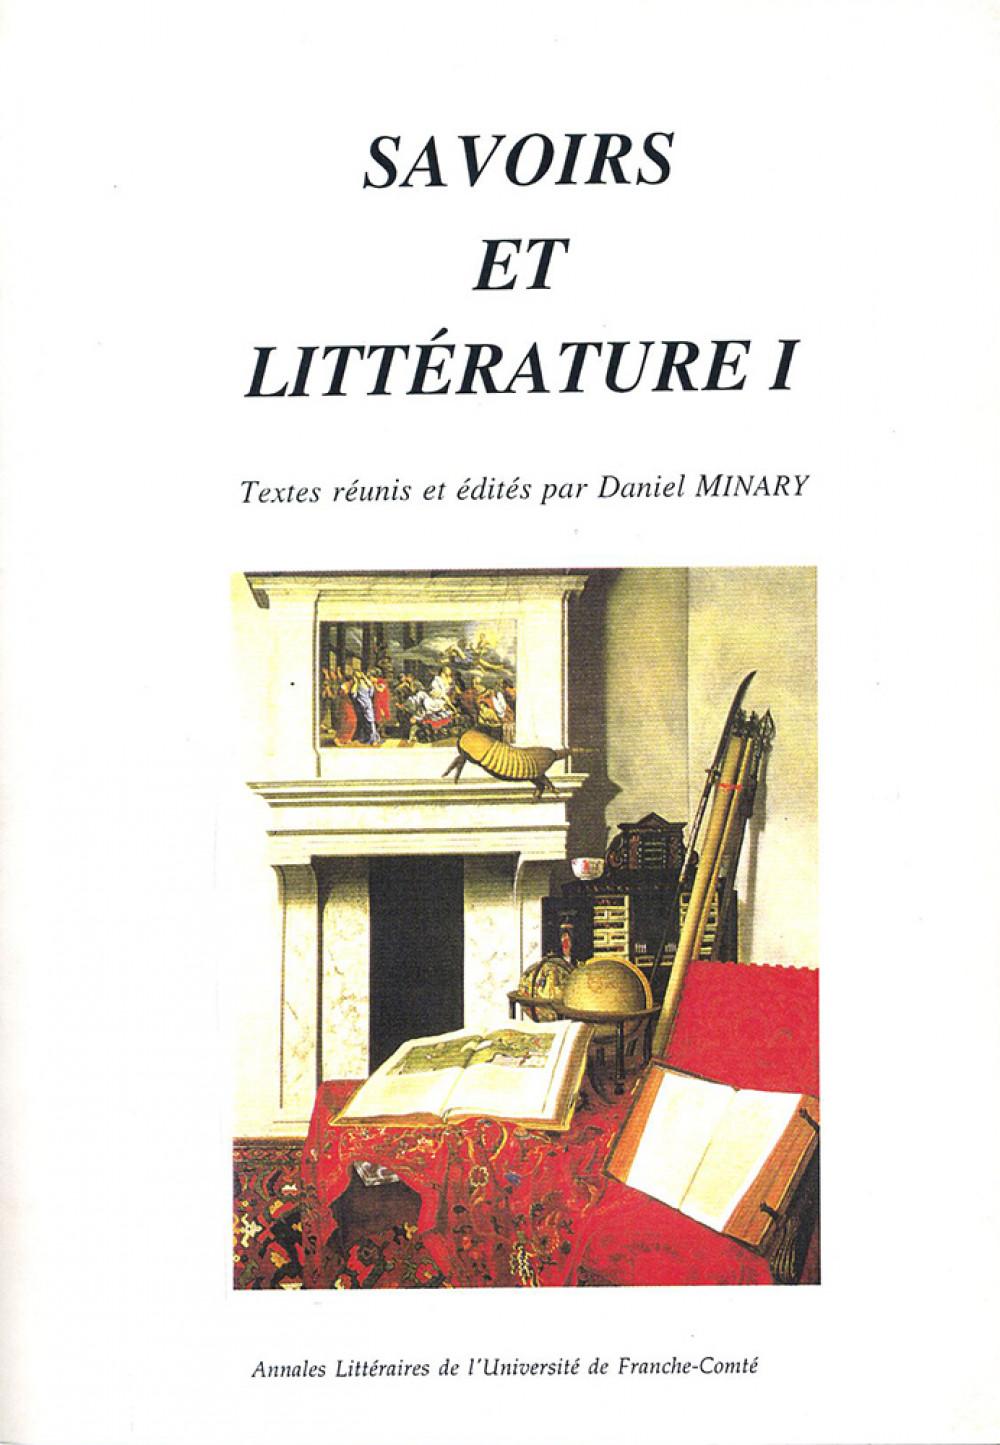 Savoirs et littérature I